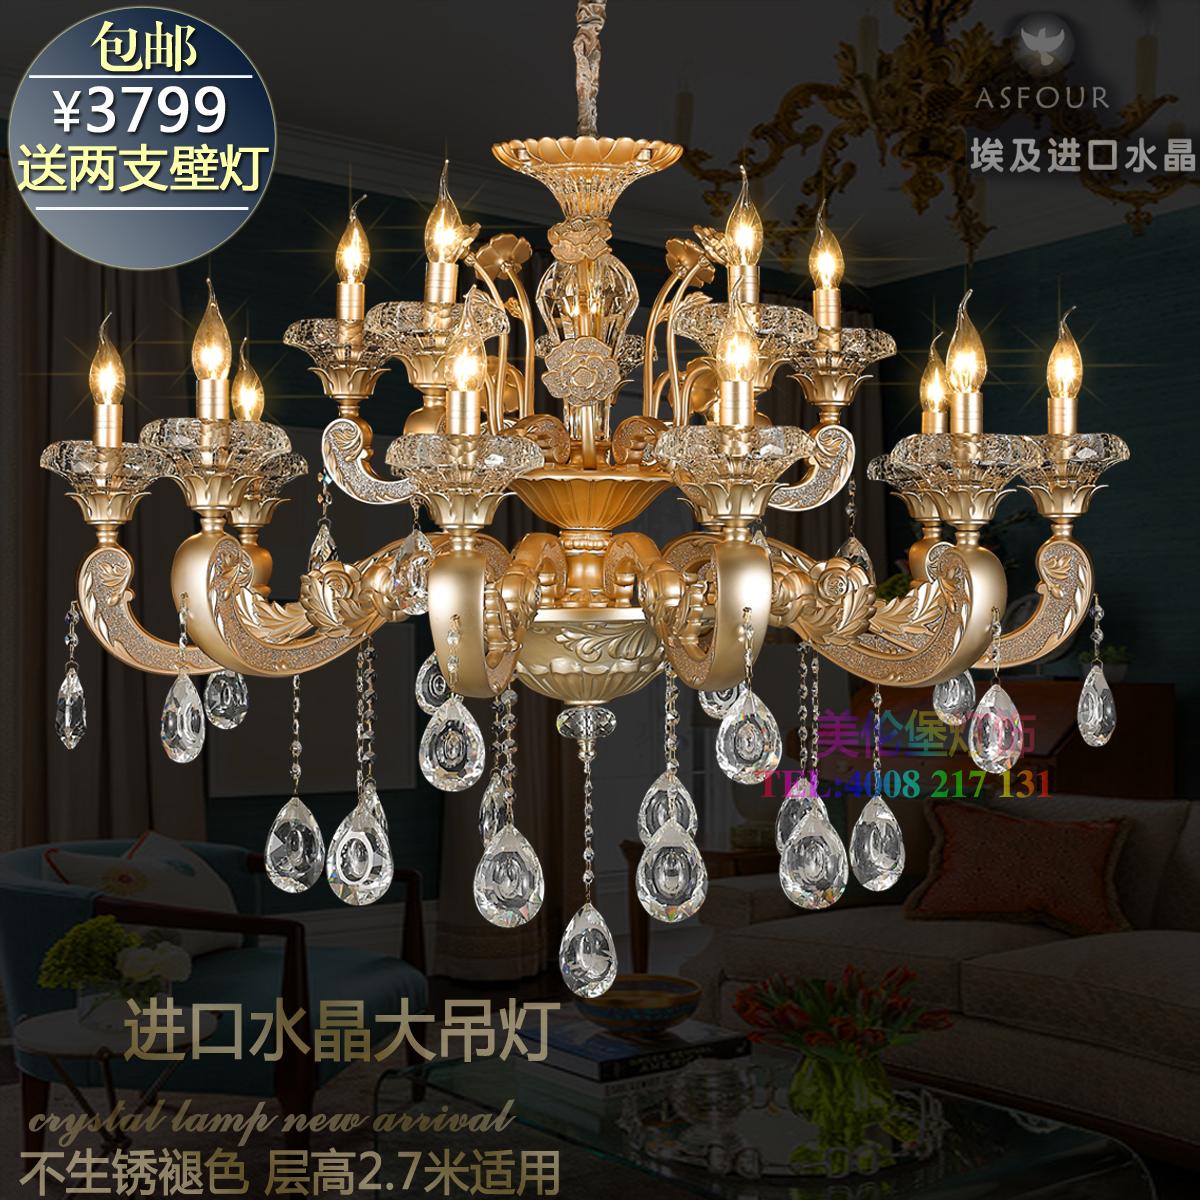 LED别墅新古典创意时尚蜡烛欧式进口水晶灯具装饰型客厅艺术吊灯